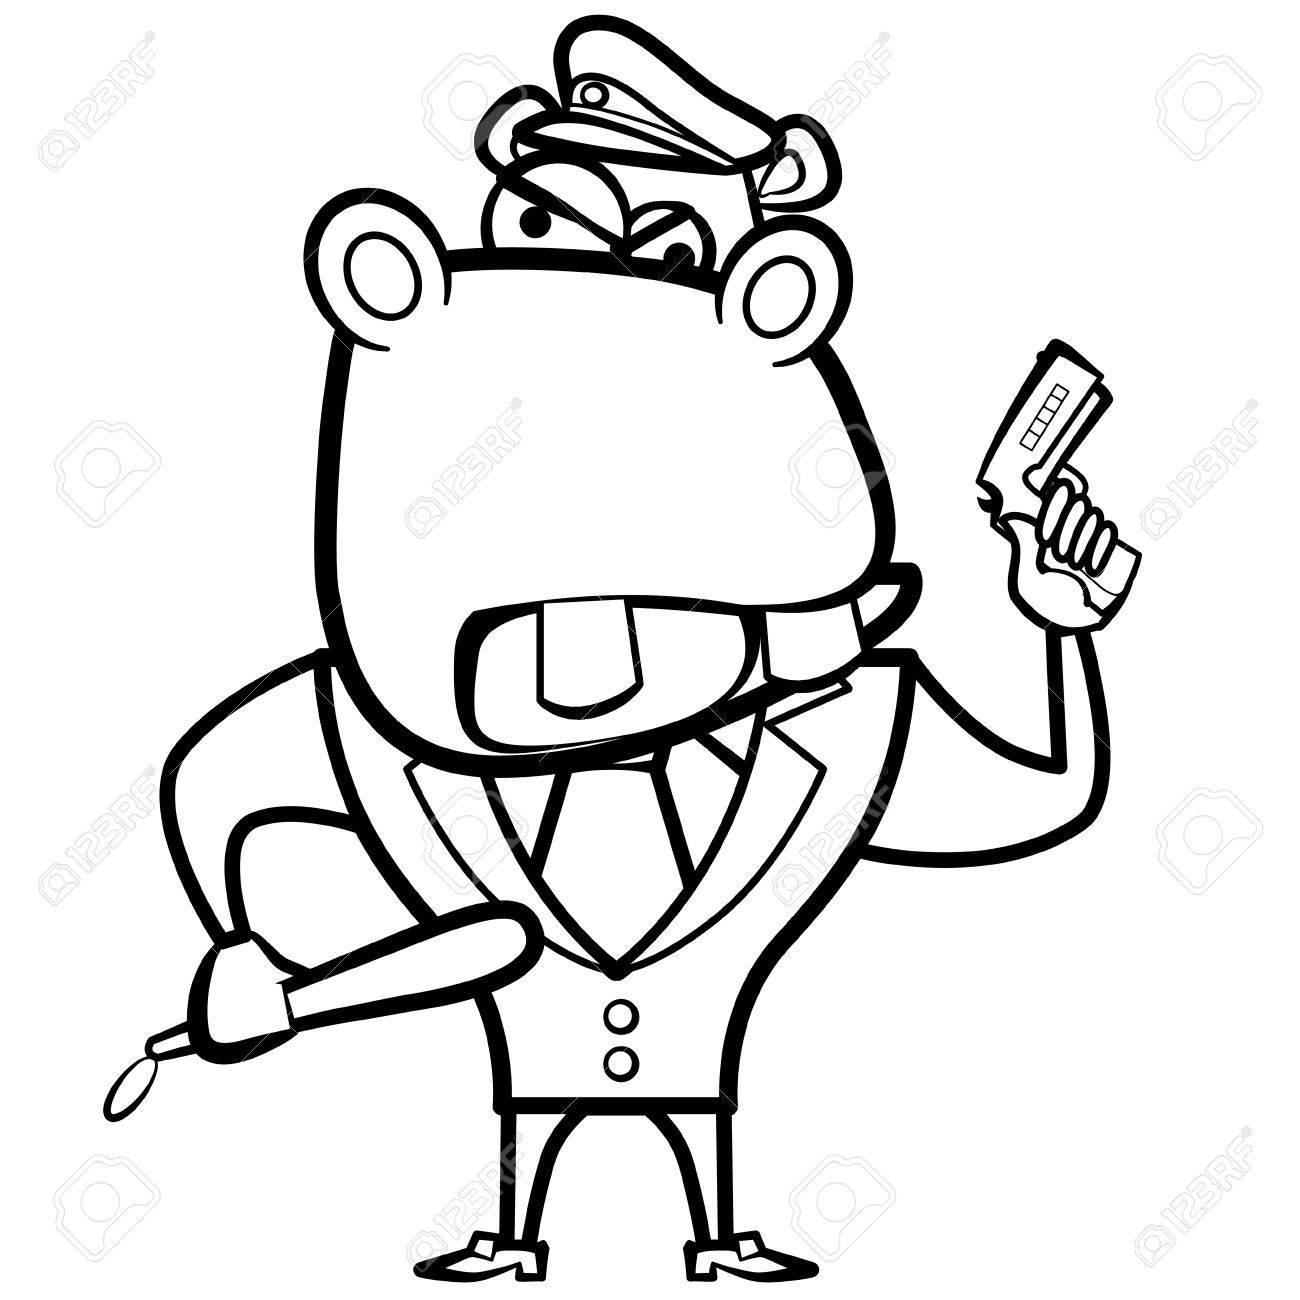 Coloriage Hippopotame De Bande Dessinée Policier Avec Un Pistolet